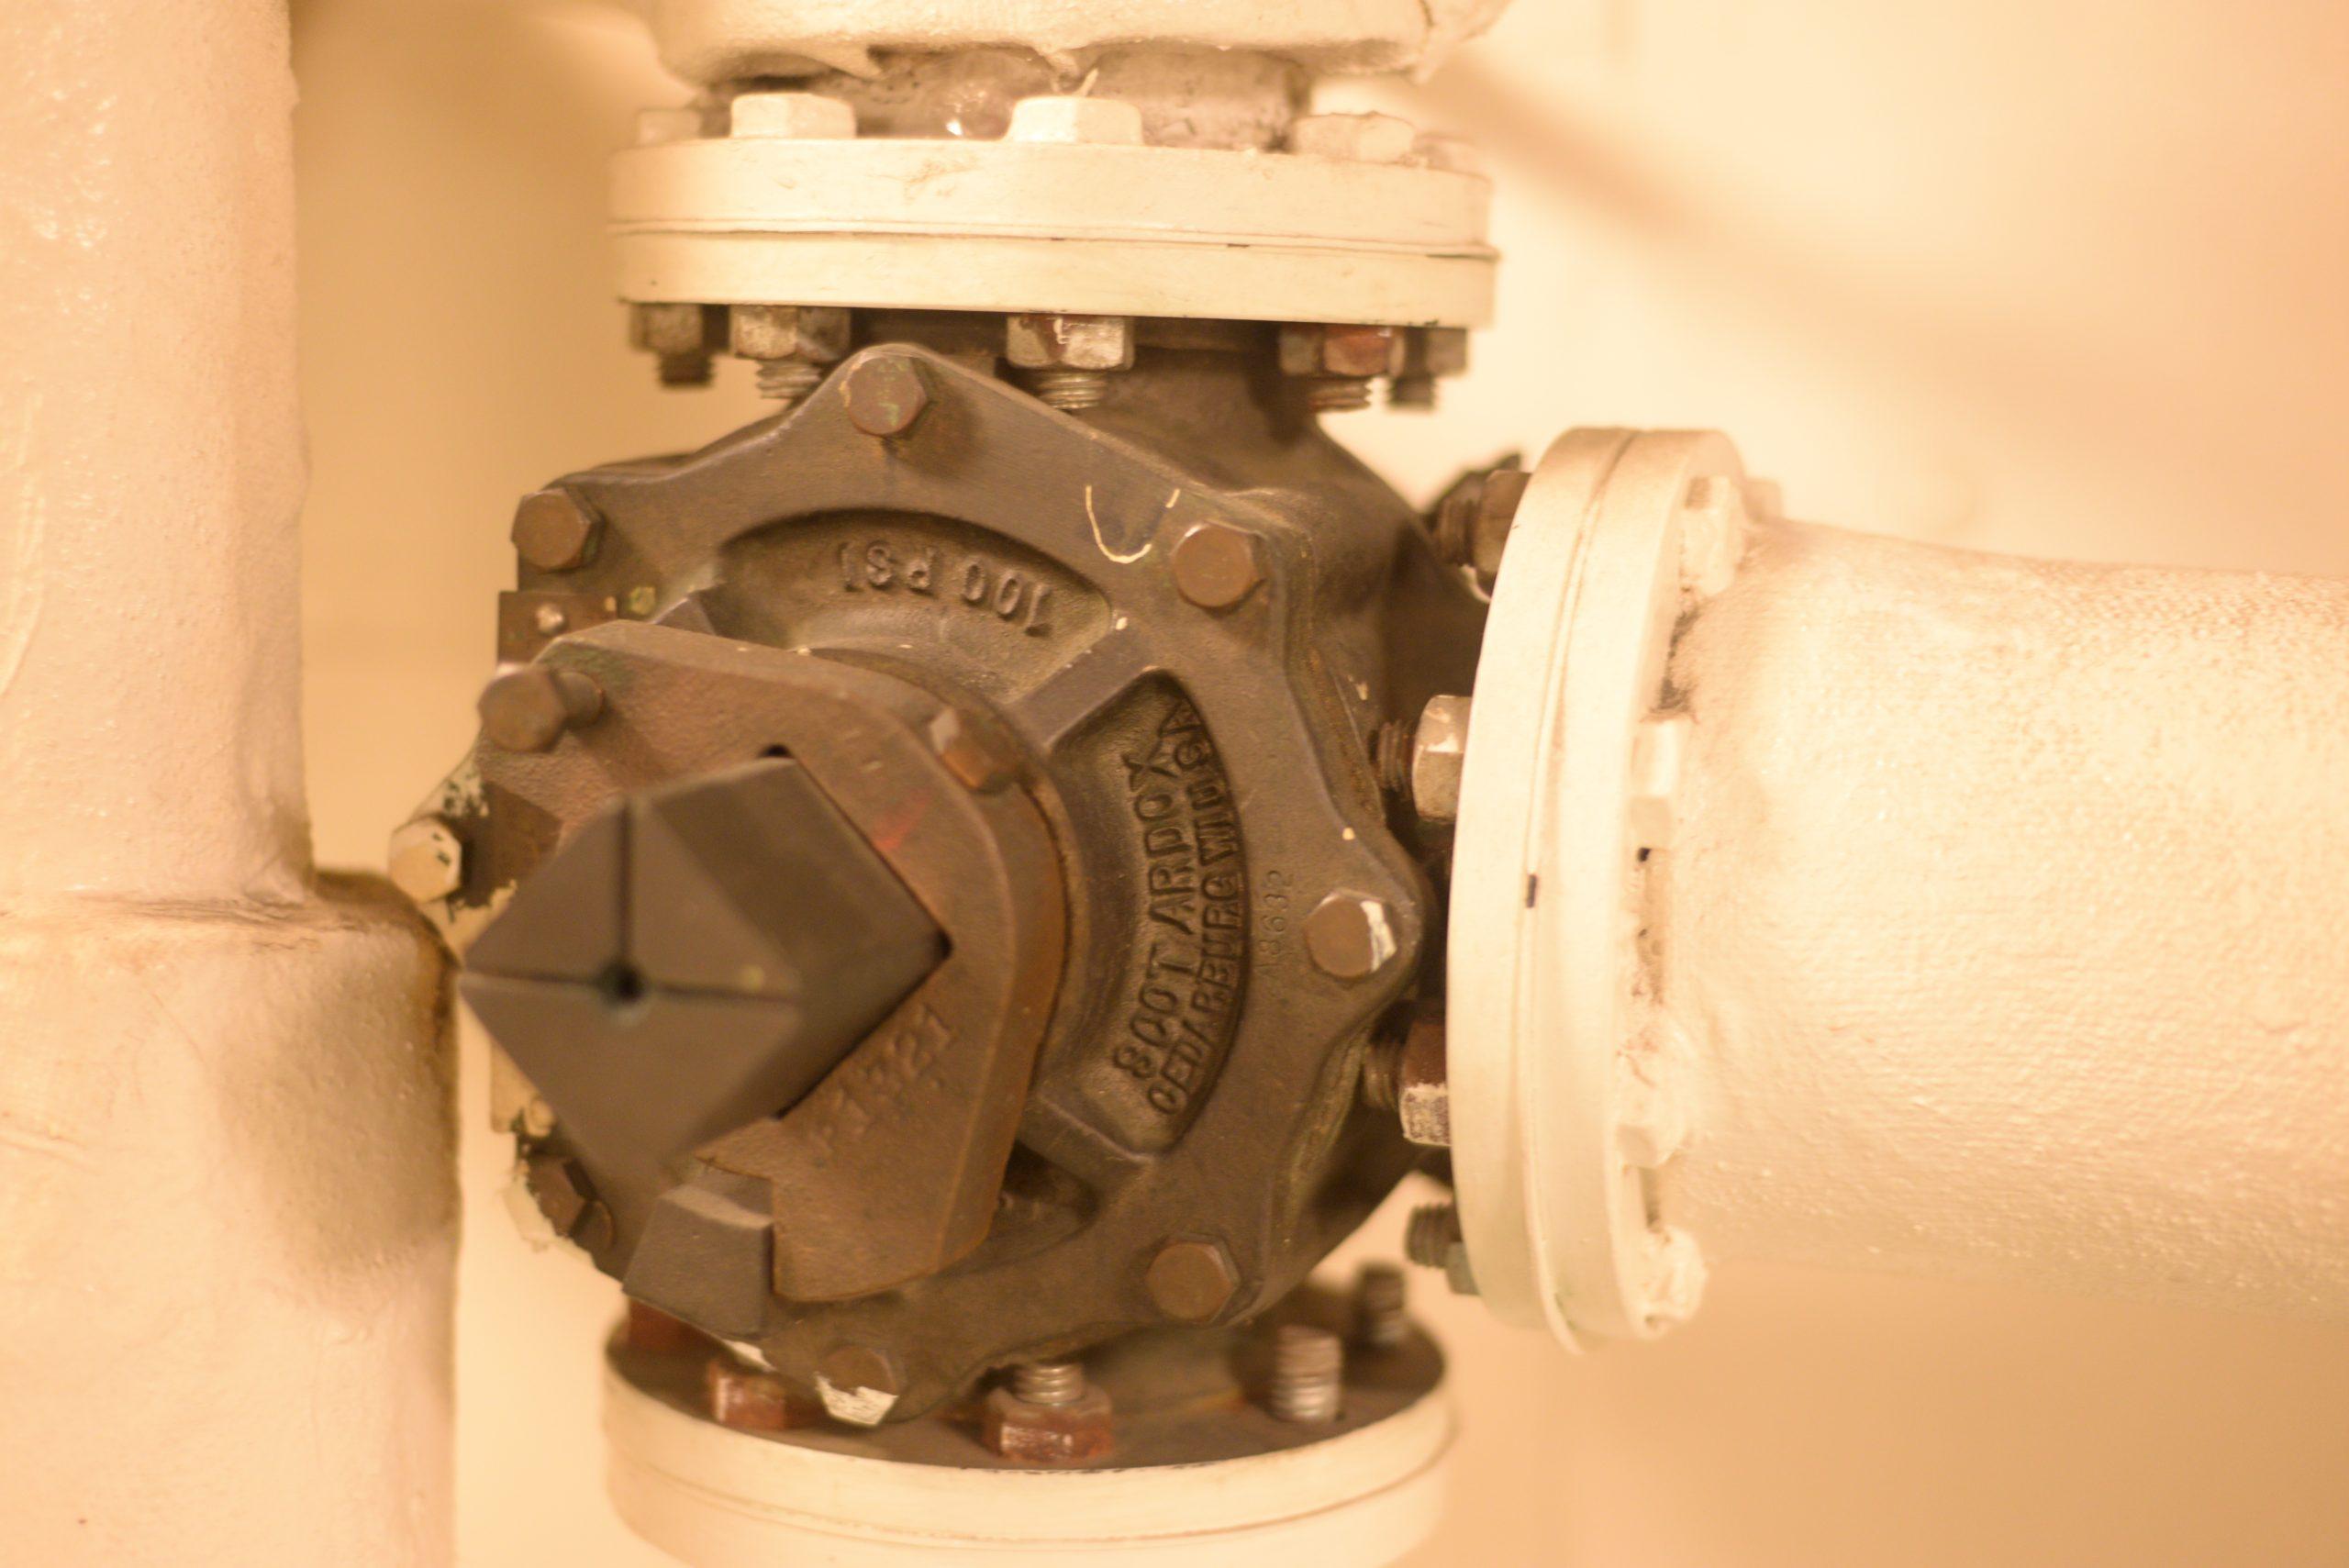 Scot Ardox Mil-V-24509 3 Way 3 Port Plug Valve